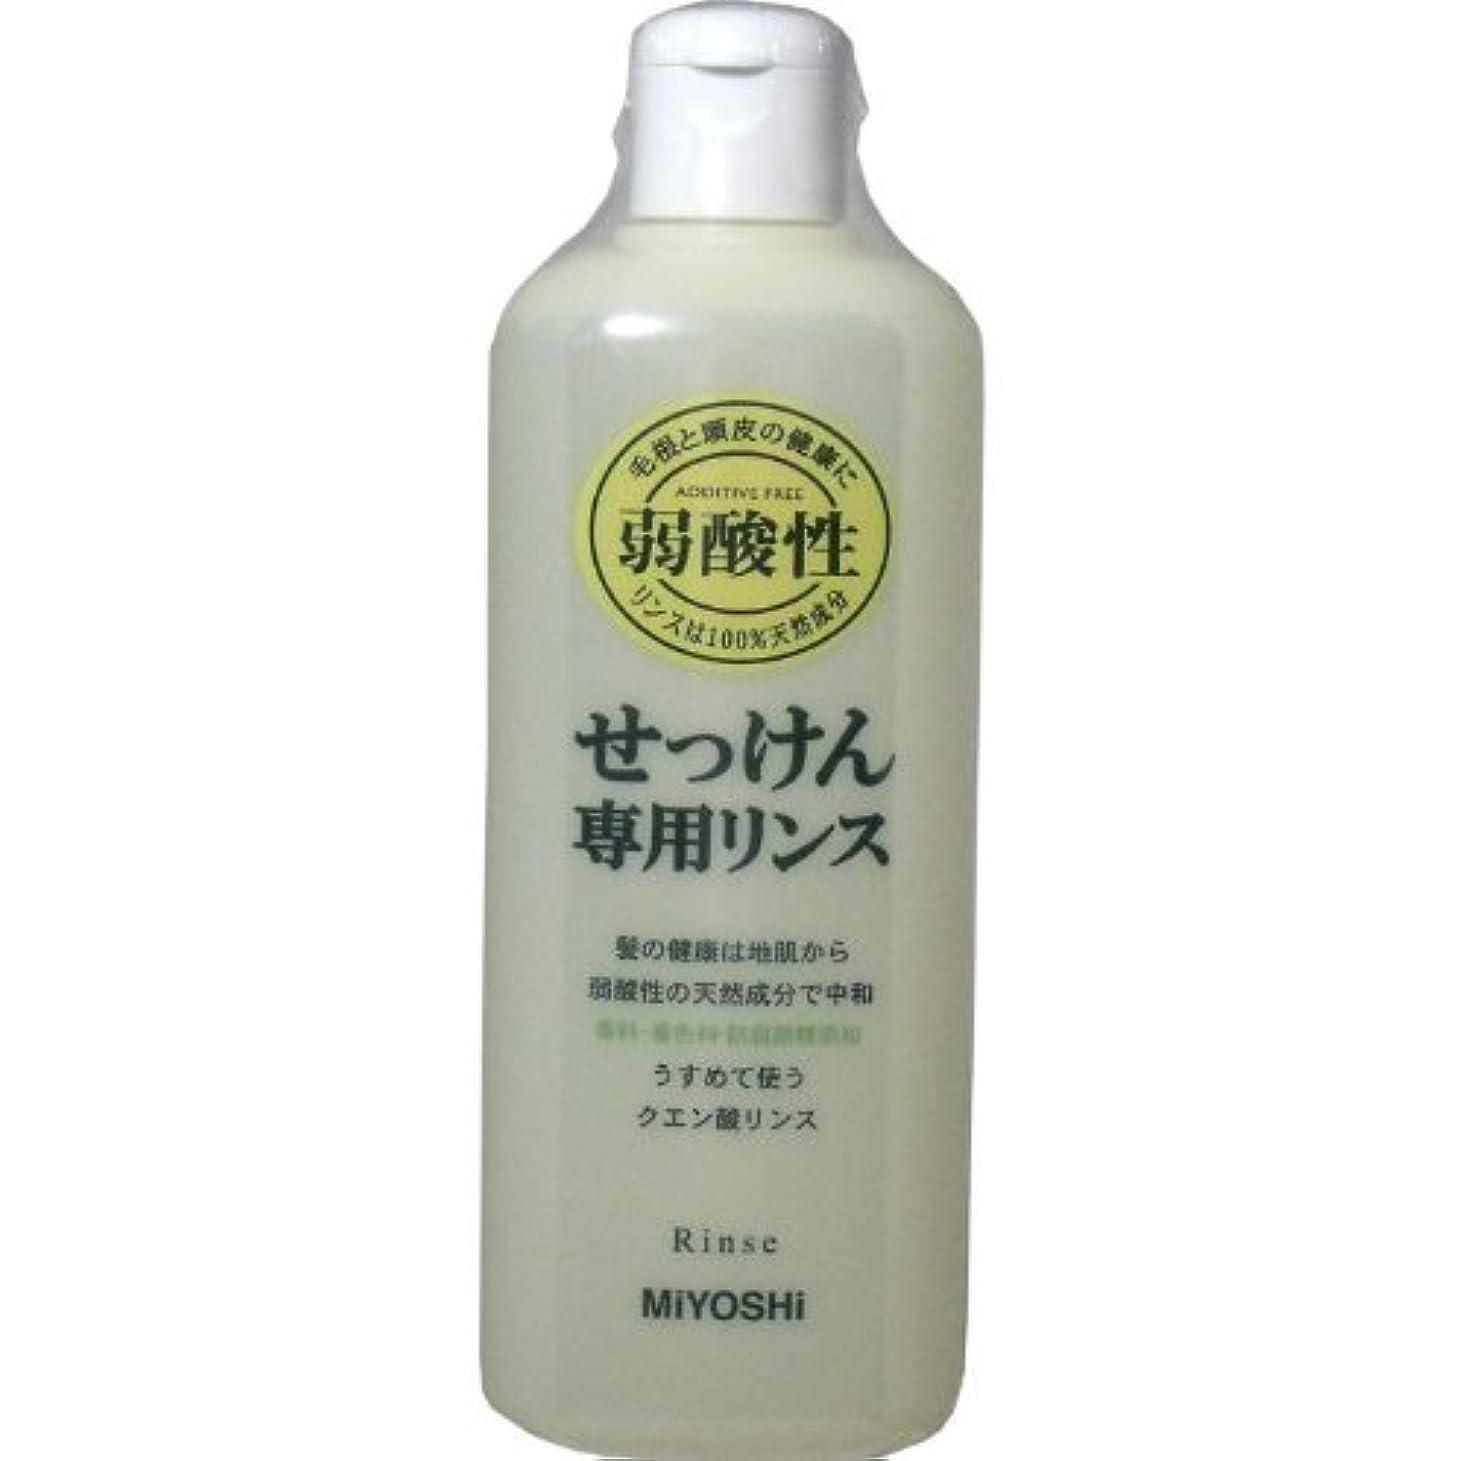 絶滅したキャビンシガレット髪の健康は地肌から、弱酸性の天然成分で中和!!香料、防腐剤、着色料無添加!うすめて使うクエン酸リンス!リンス 350mL